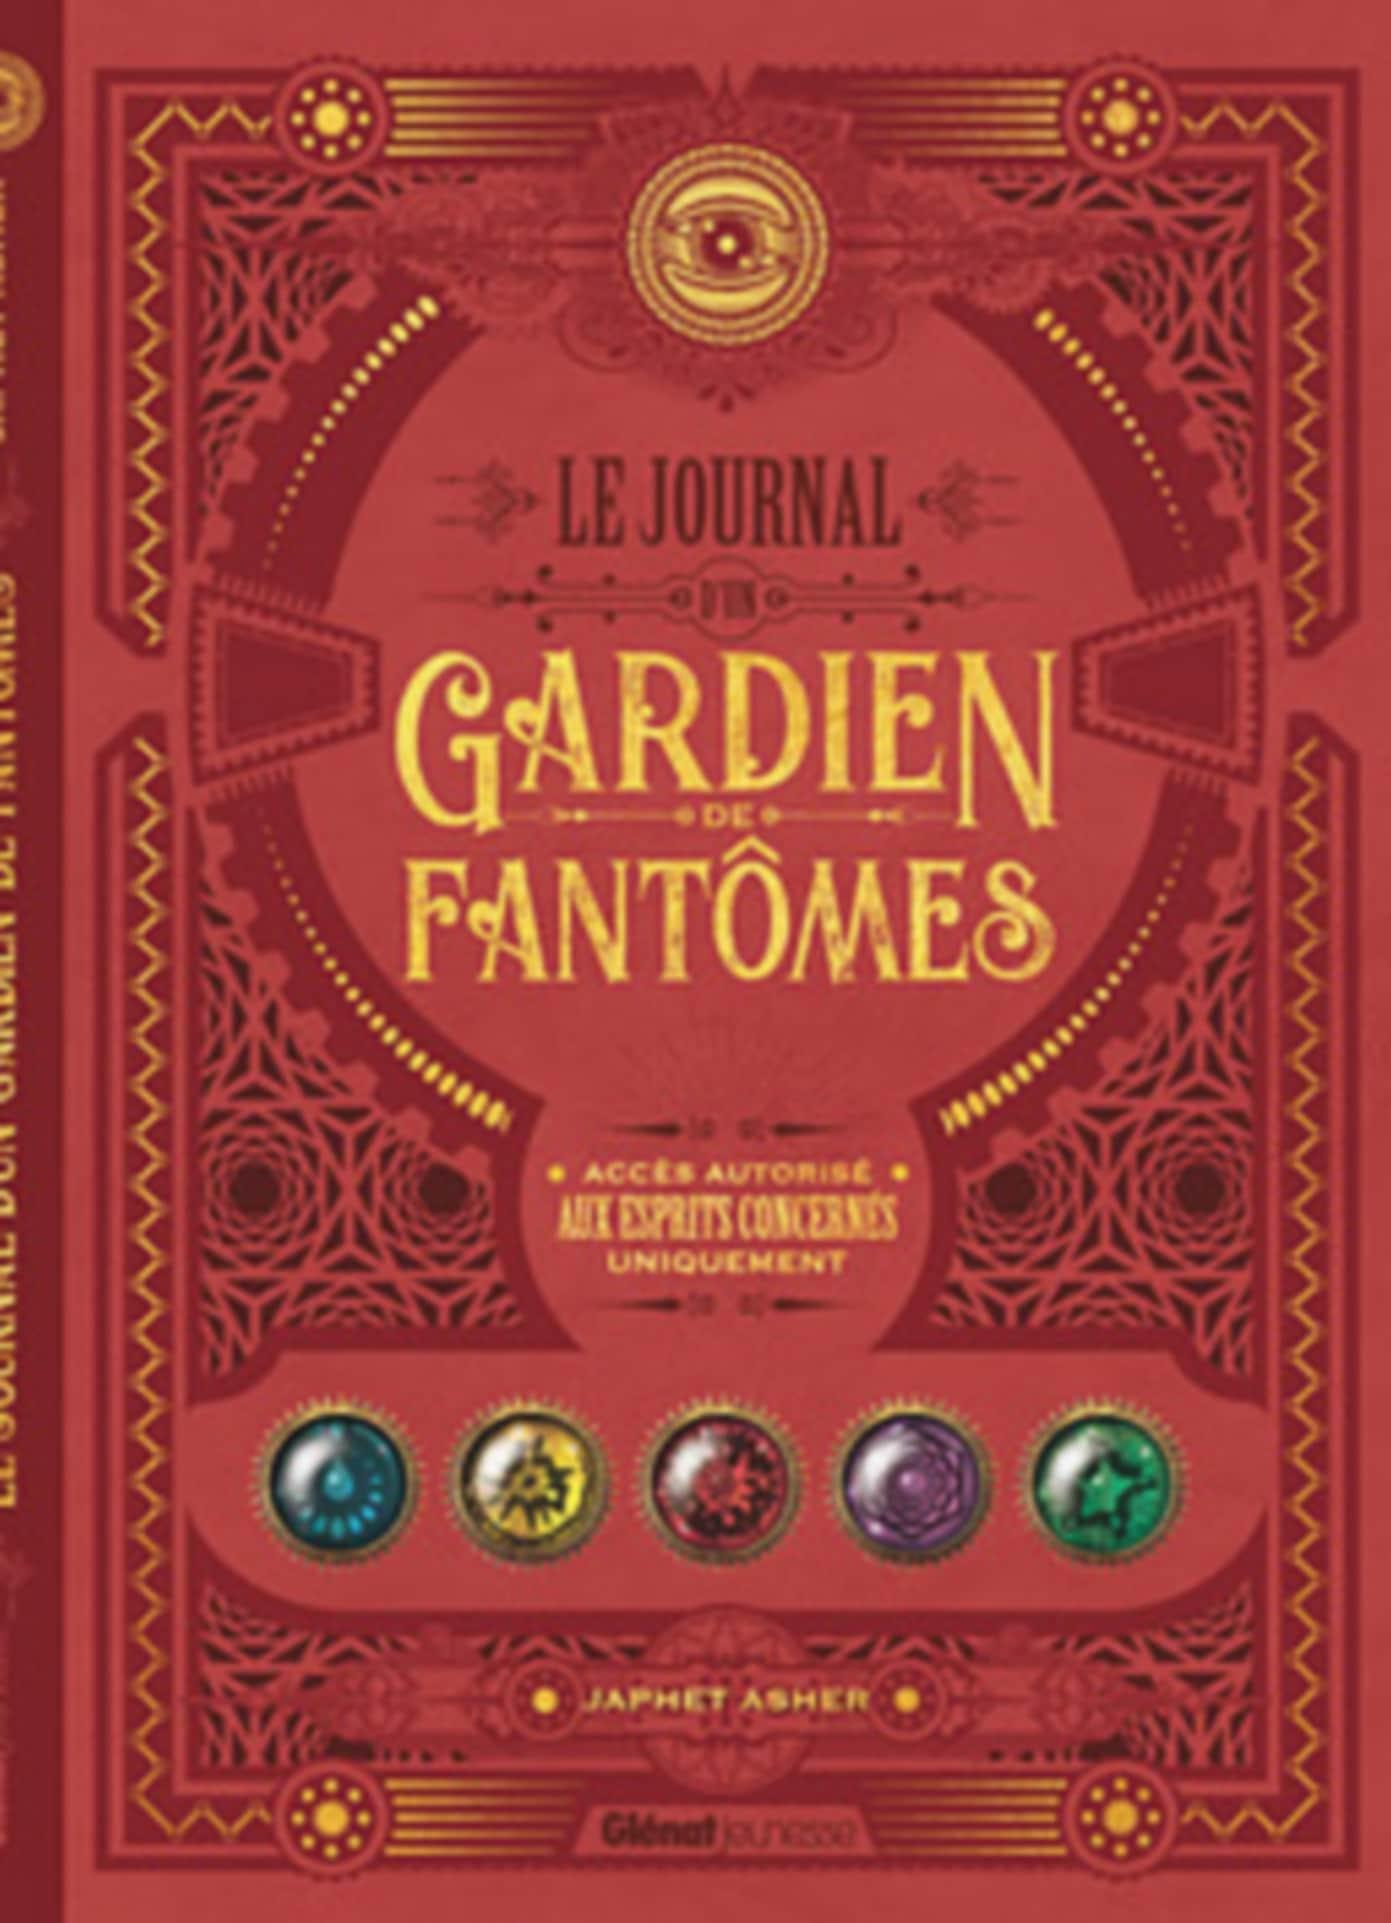 Le Journal d'un Gardien de fantômes - Couverture roman